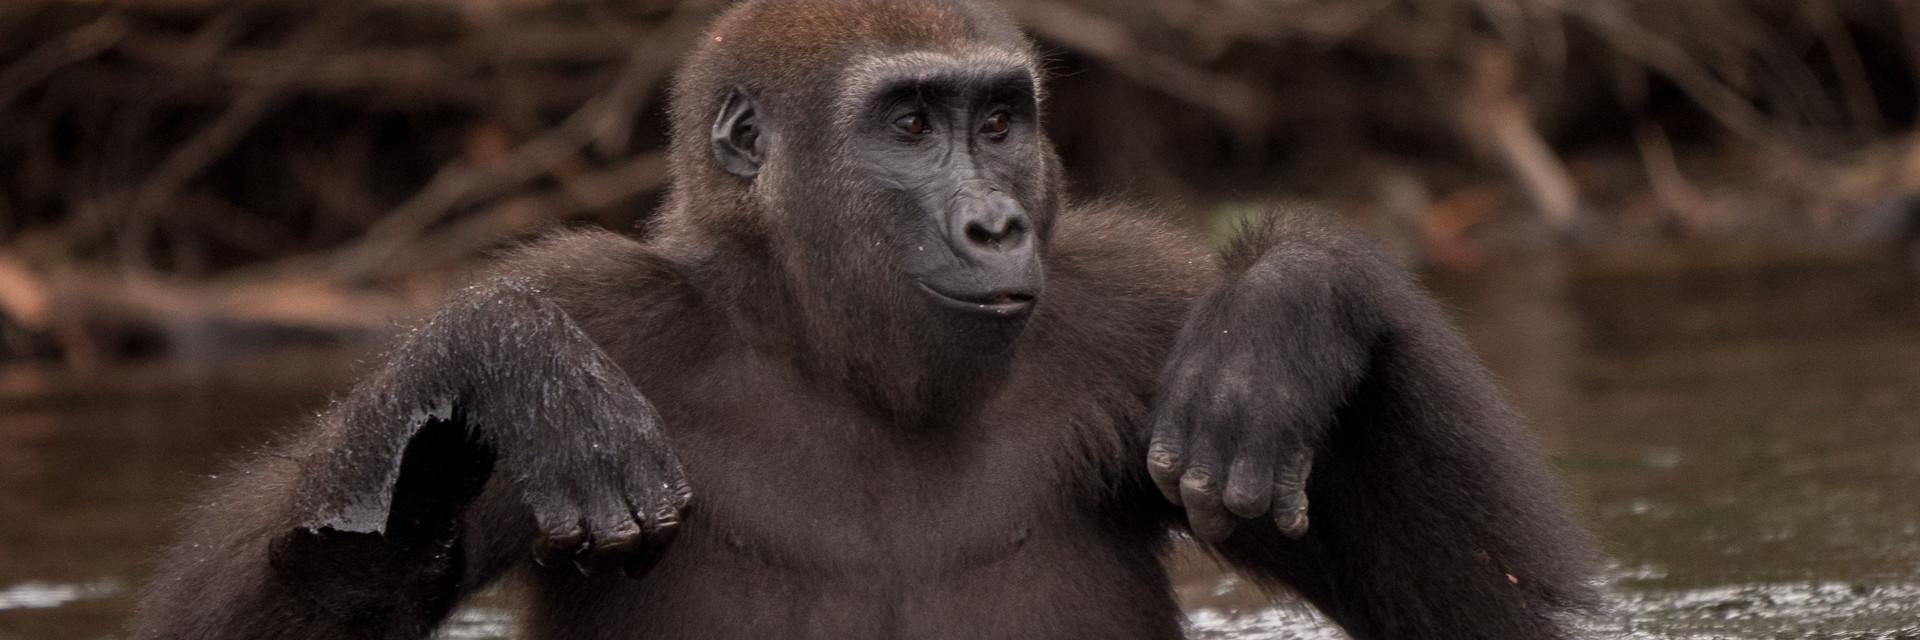 Gorilla Belinga in the river